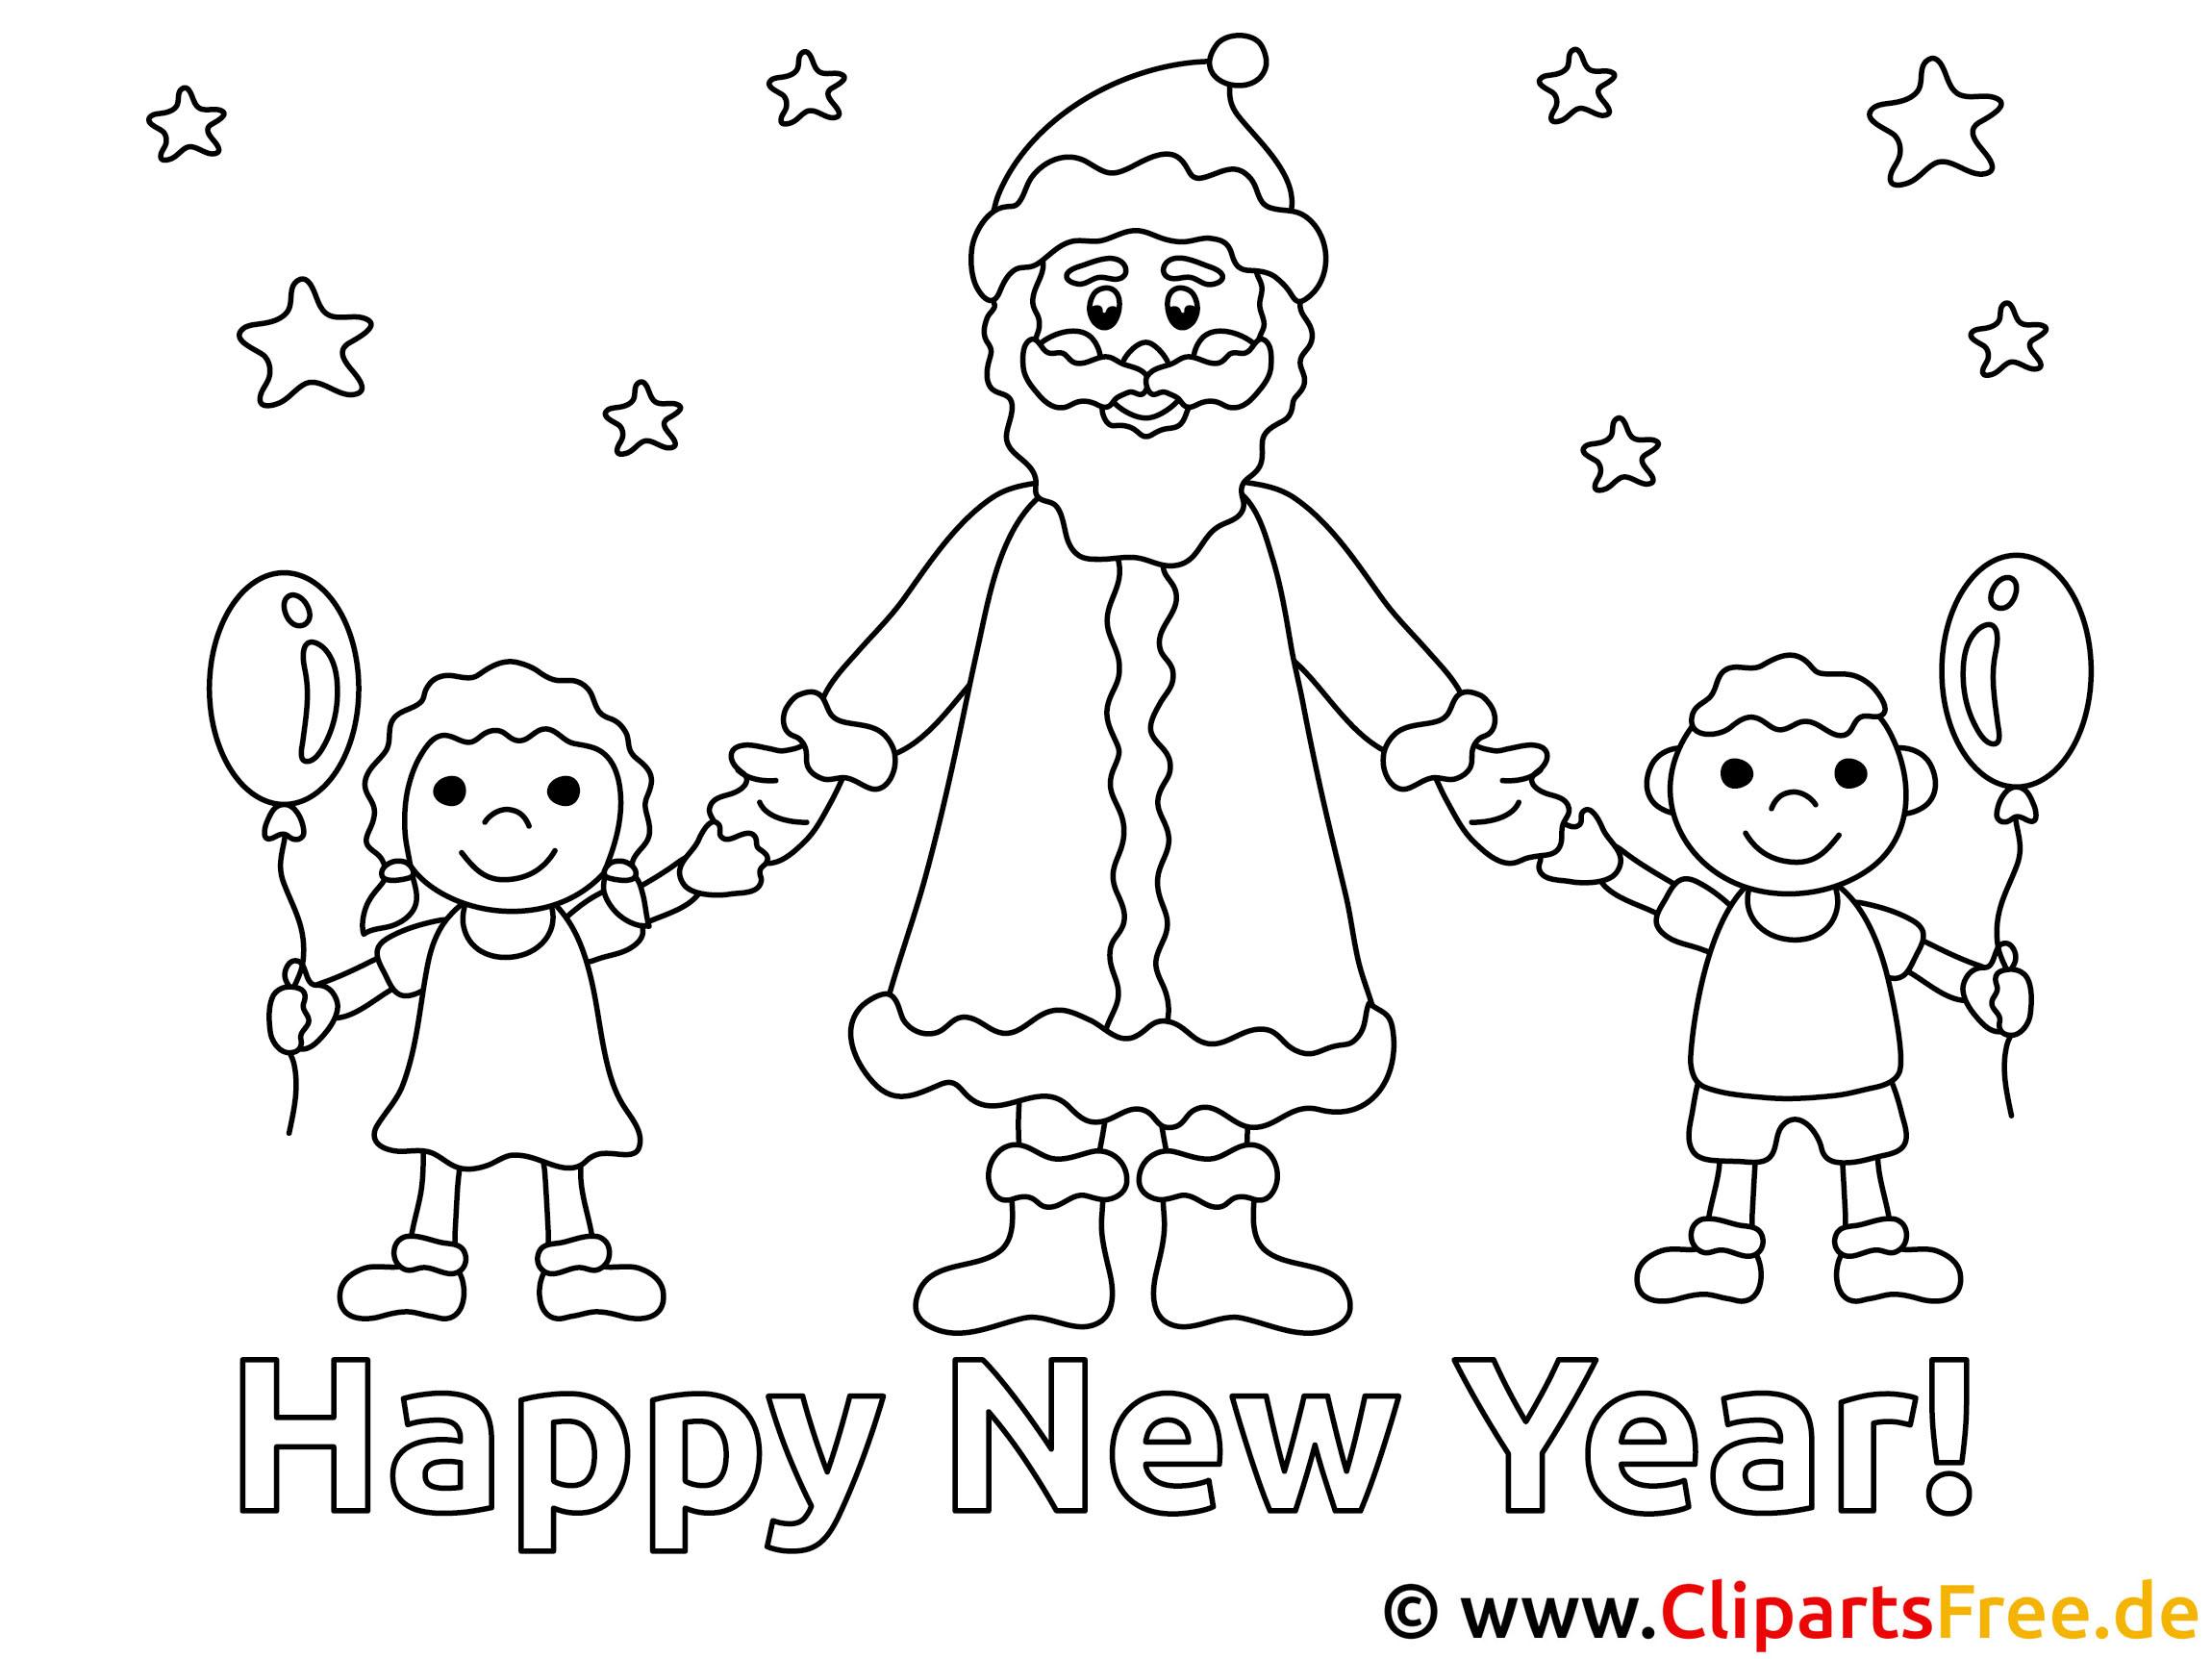 Kinder malen Weihnachten